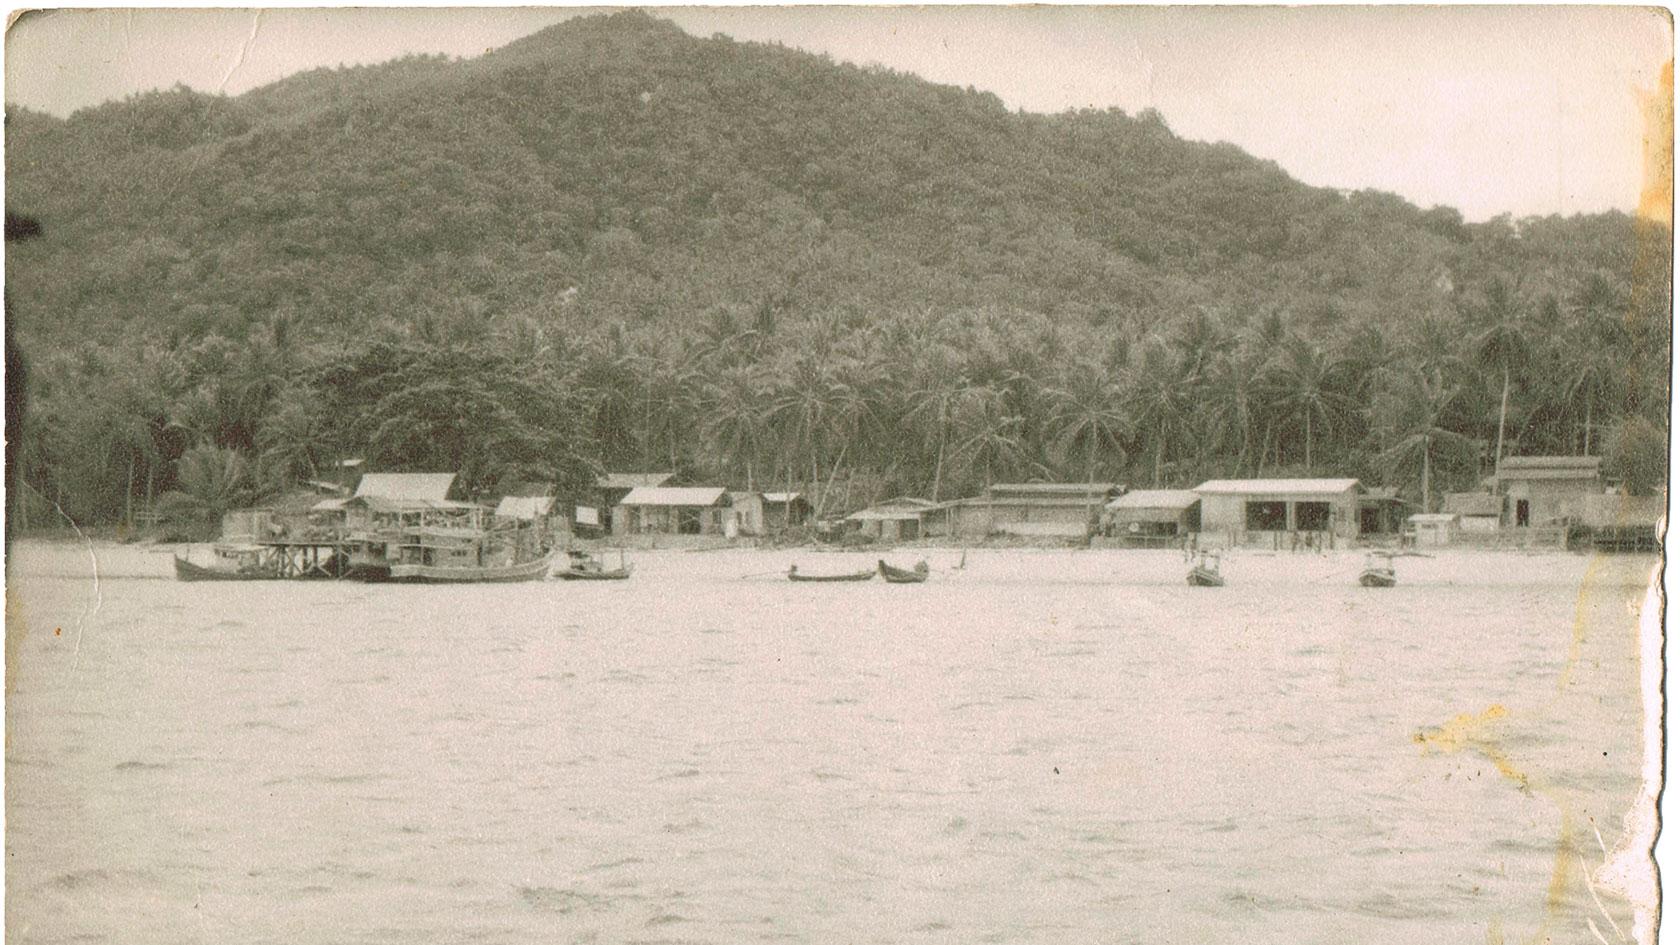 ประวัติเกาะเต่า — คู่มือท่องเที่ยวเกาะเต่า KOH TAO : a Complete Guide